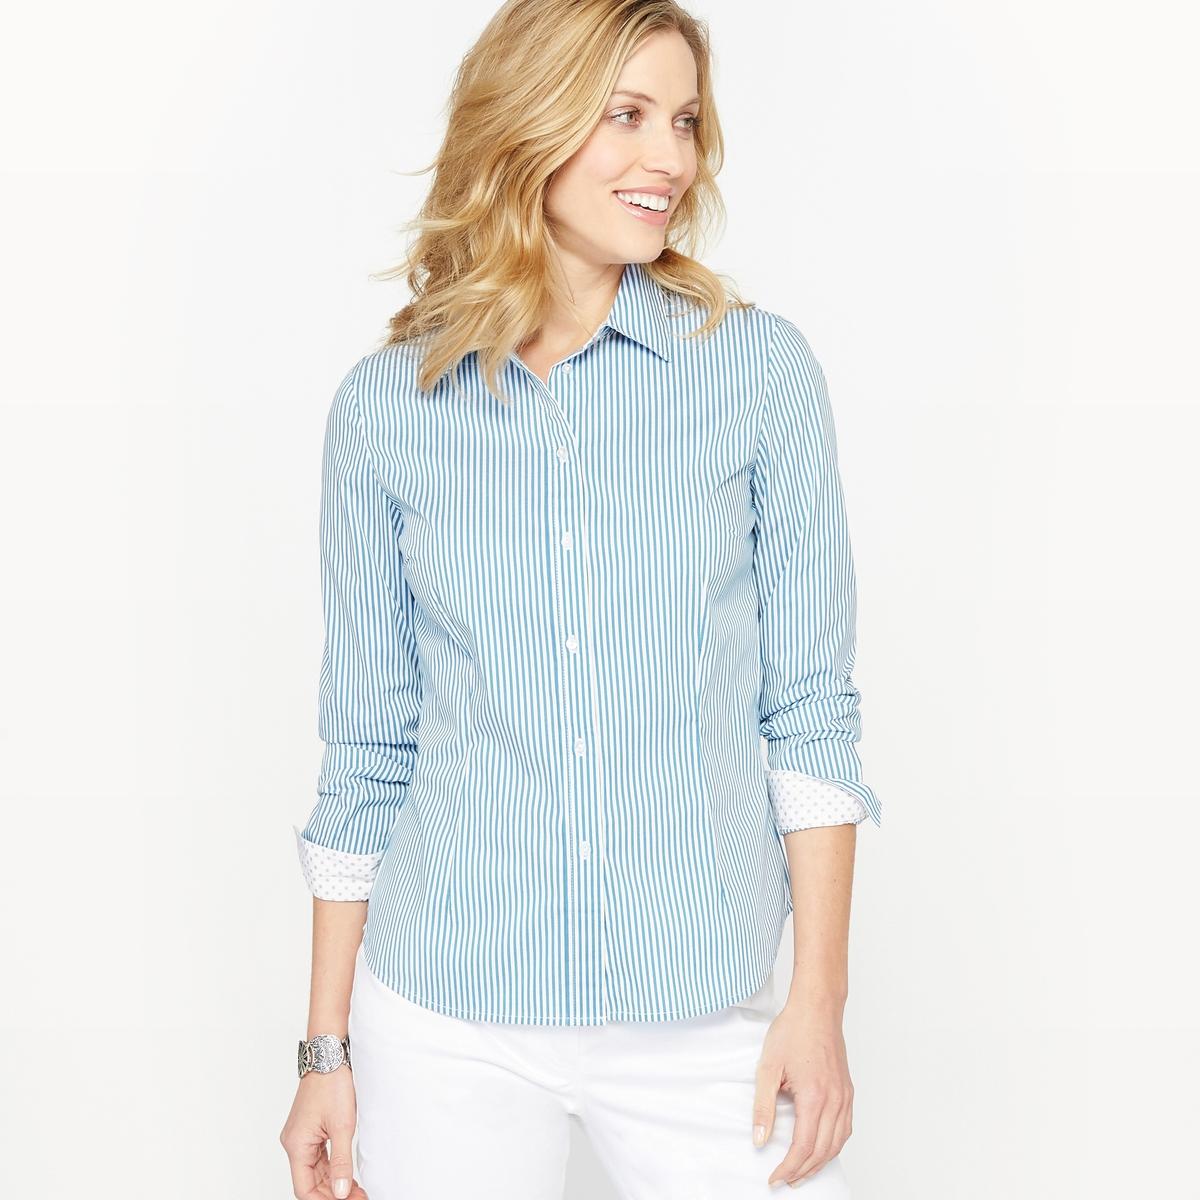 Рубашка в полоску из окрашенных волоконРубашка в полоску из окрашенных волокон. Контрастные внутренняя поверхность воротника, планка застежки на пуговицы и манжеты в горошек бежевого цвета. Длинные рукава, манжеты с застежкой на пуговицы.Состав и описание :Материал : поплин, 69% хлопка, 28% полиамида, 3% эластана.Длина 62 см. Марка : Anne WeyburnУход :Машинная стирка при 40 °С в умеренном режиме.Гладить при низкой температуре.<br><br>Цвет: в бело-синюю полоску<br>Размер: 52 (FR) - 58 (RUS).46 (FR) - 52 (RUS)